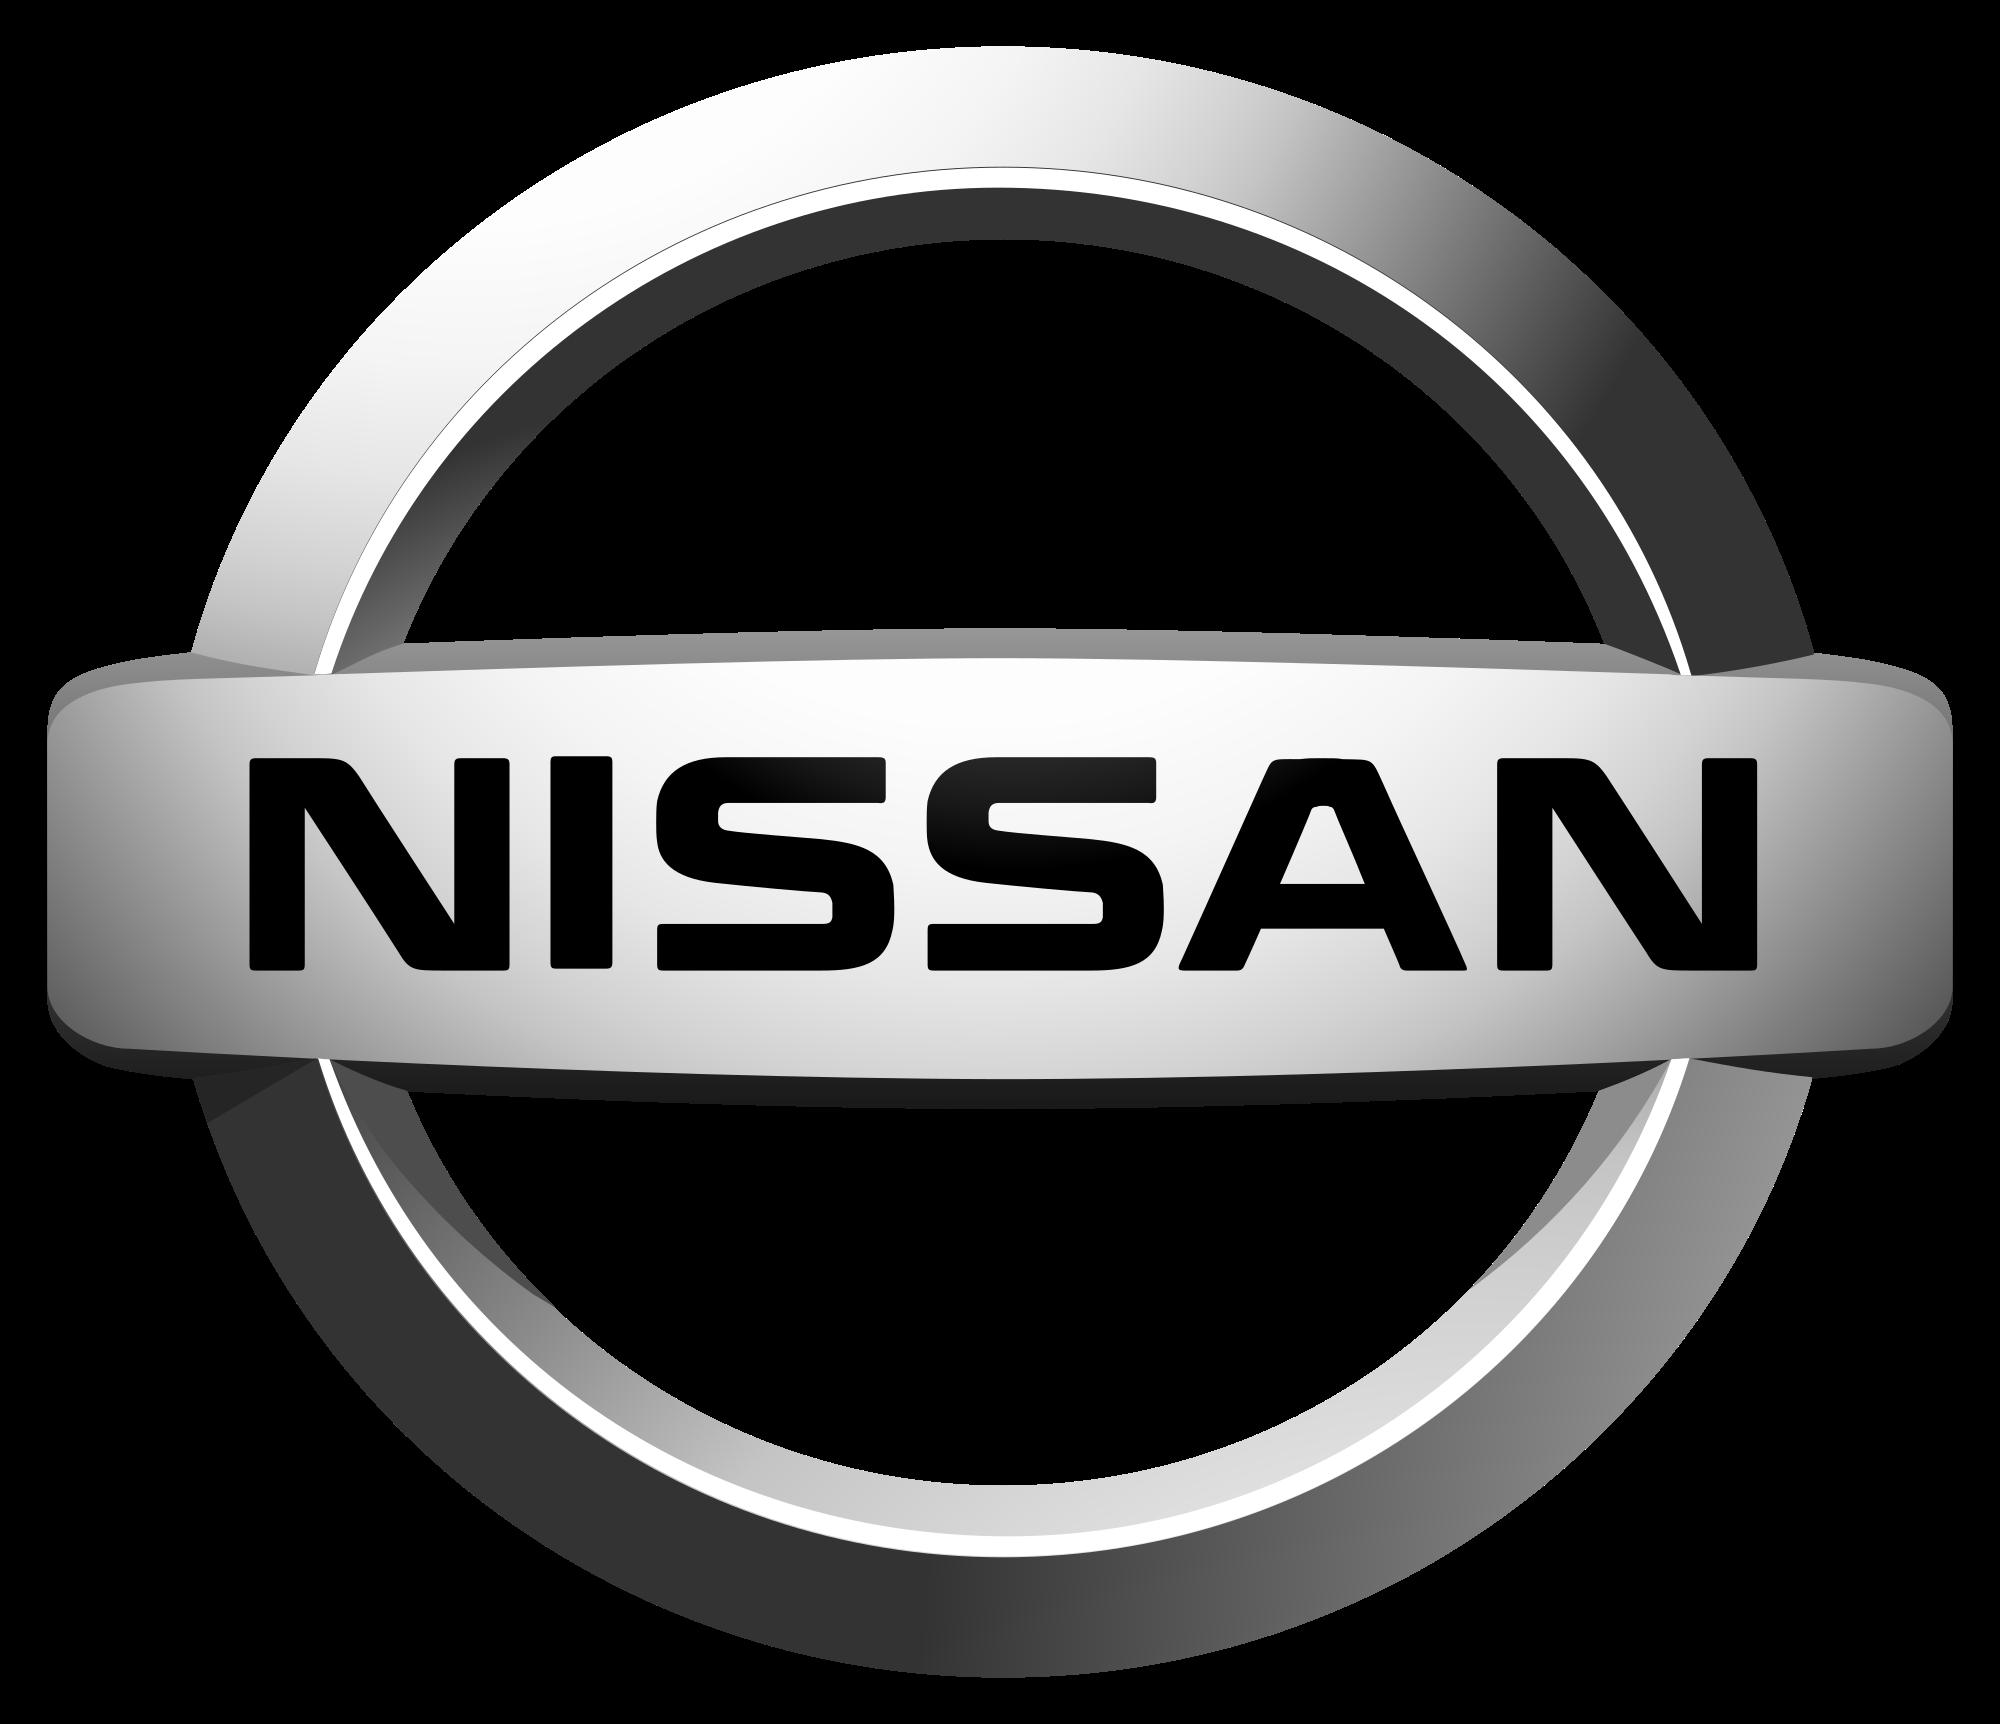 Ниссан частично возобновил выпуск машин вЯпонии после скандала